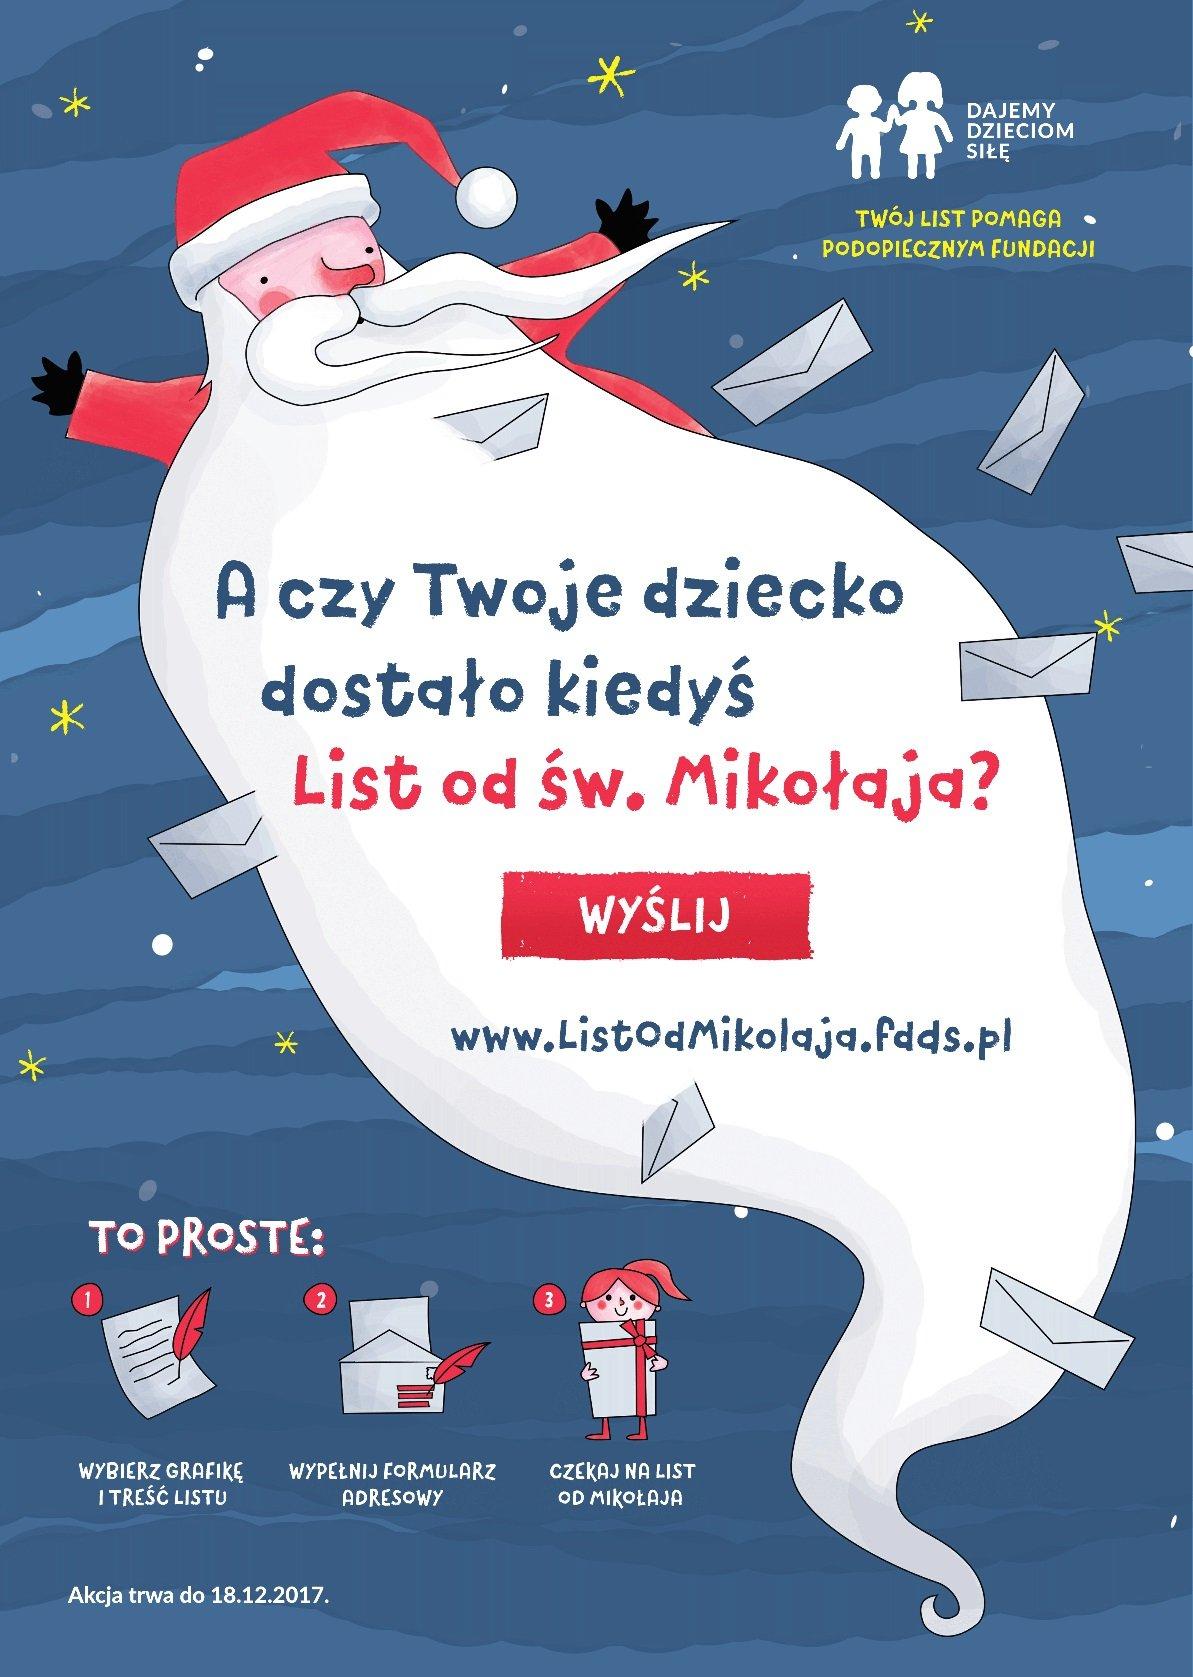 A czy Twoje dziecko dostało kiedyś List od św. Mikołaja? Wsparcie dla podopiecznych Fundacji